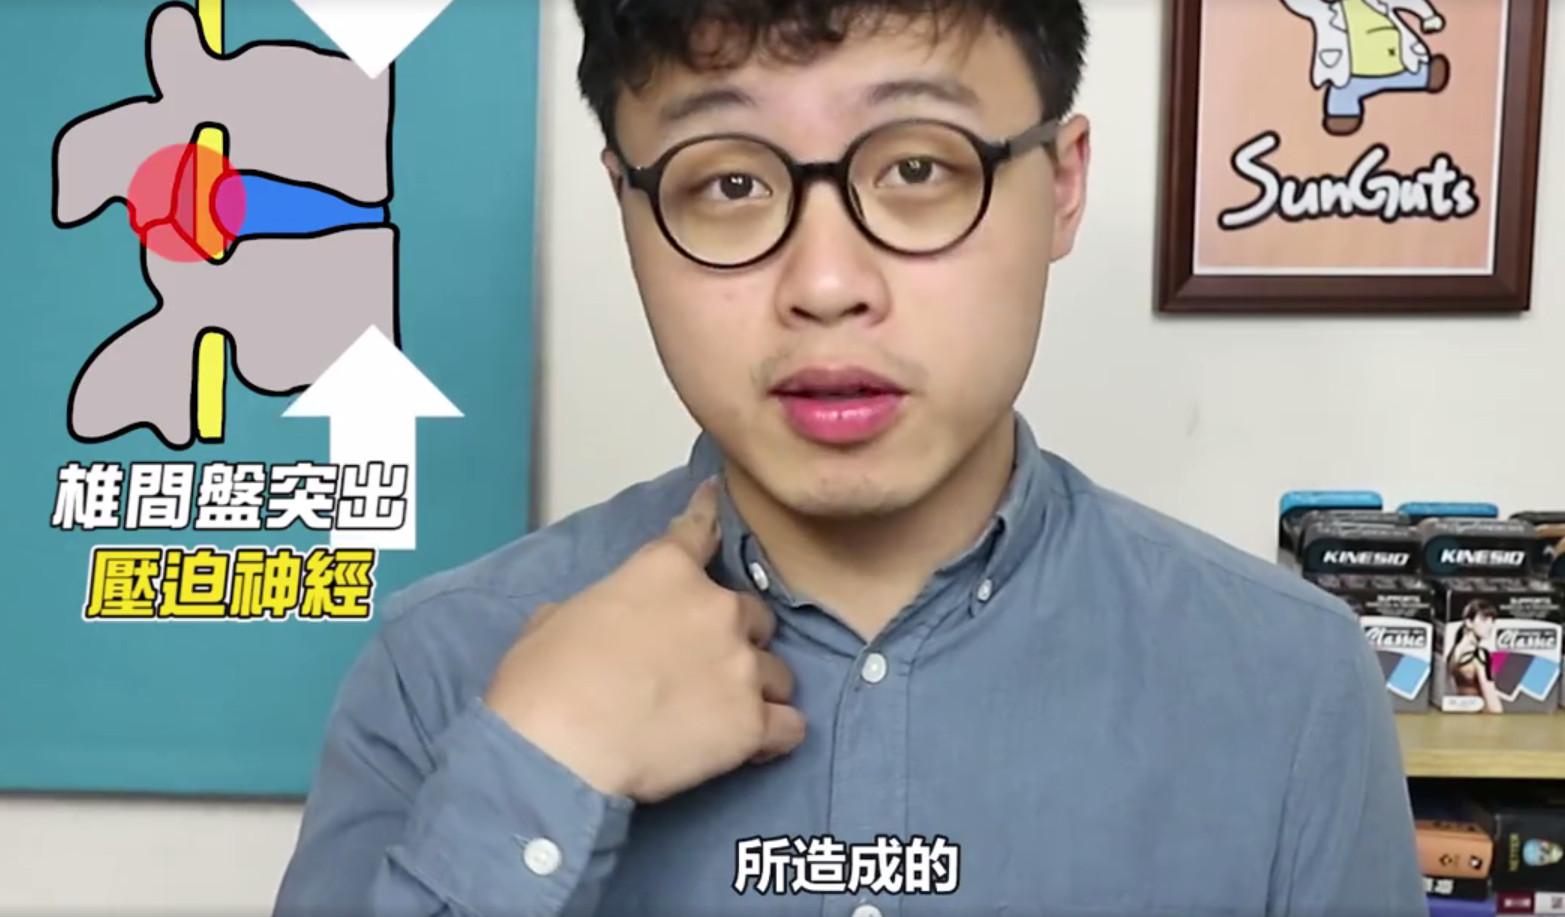 大檸檬用圖(圖/三個字SunGuts提供)